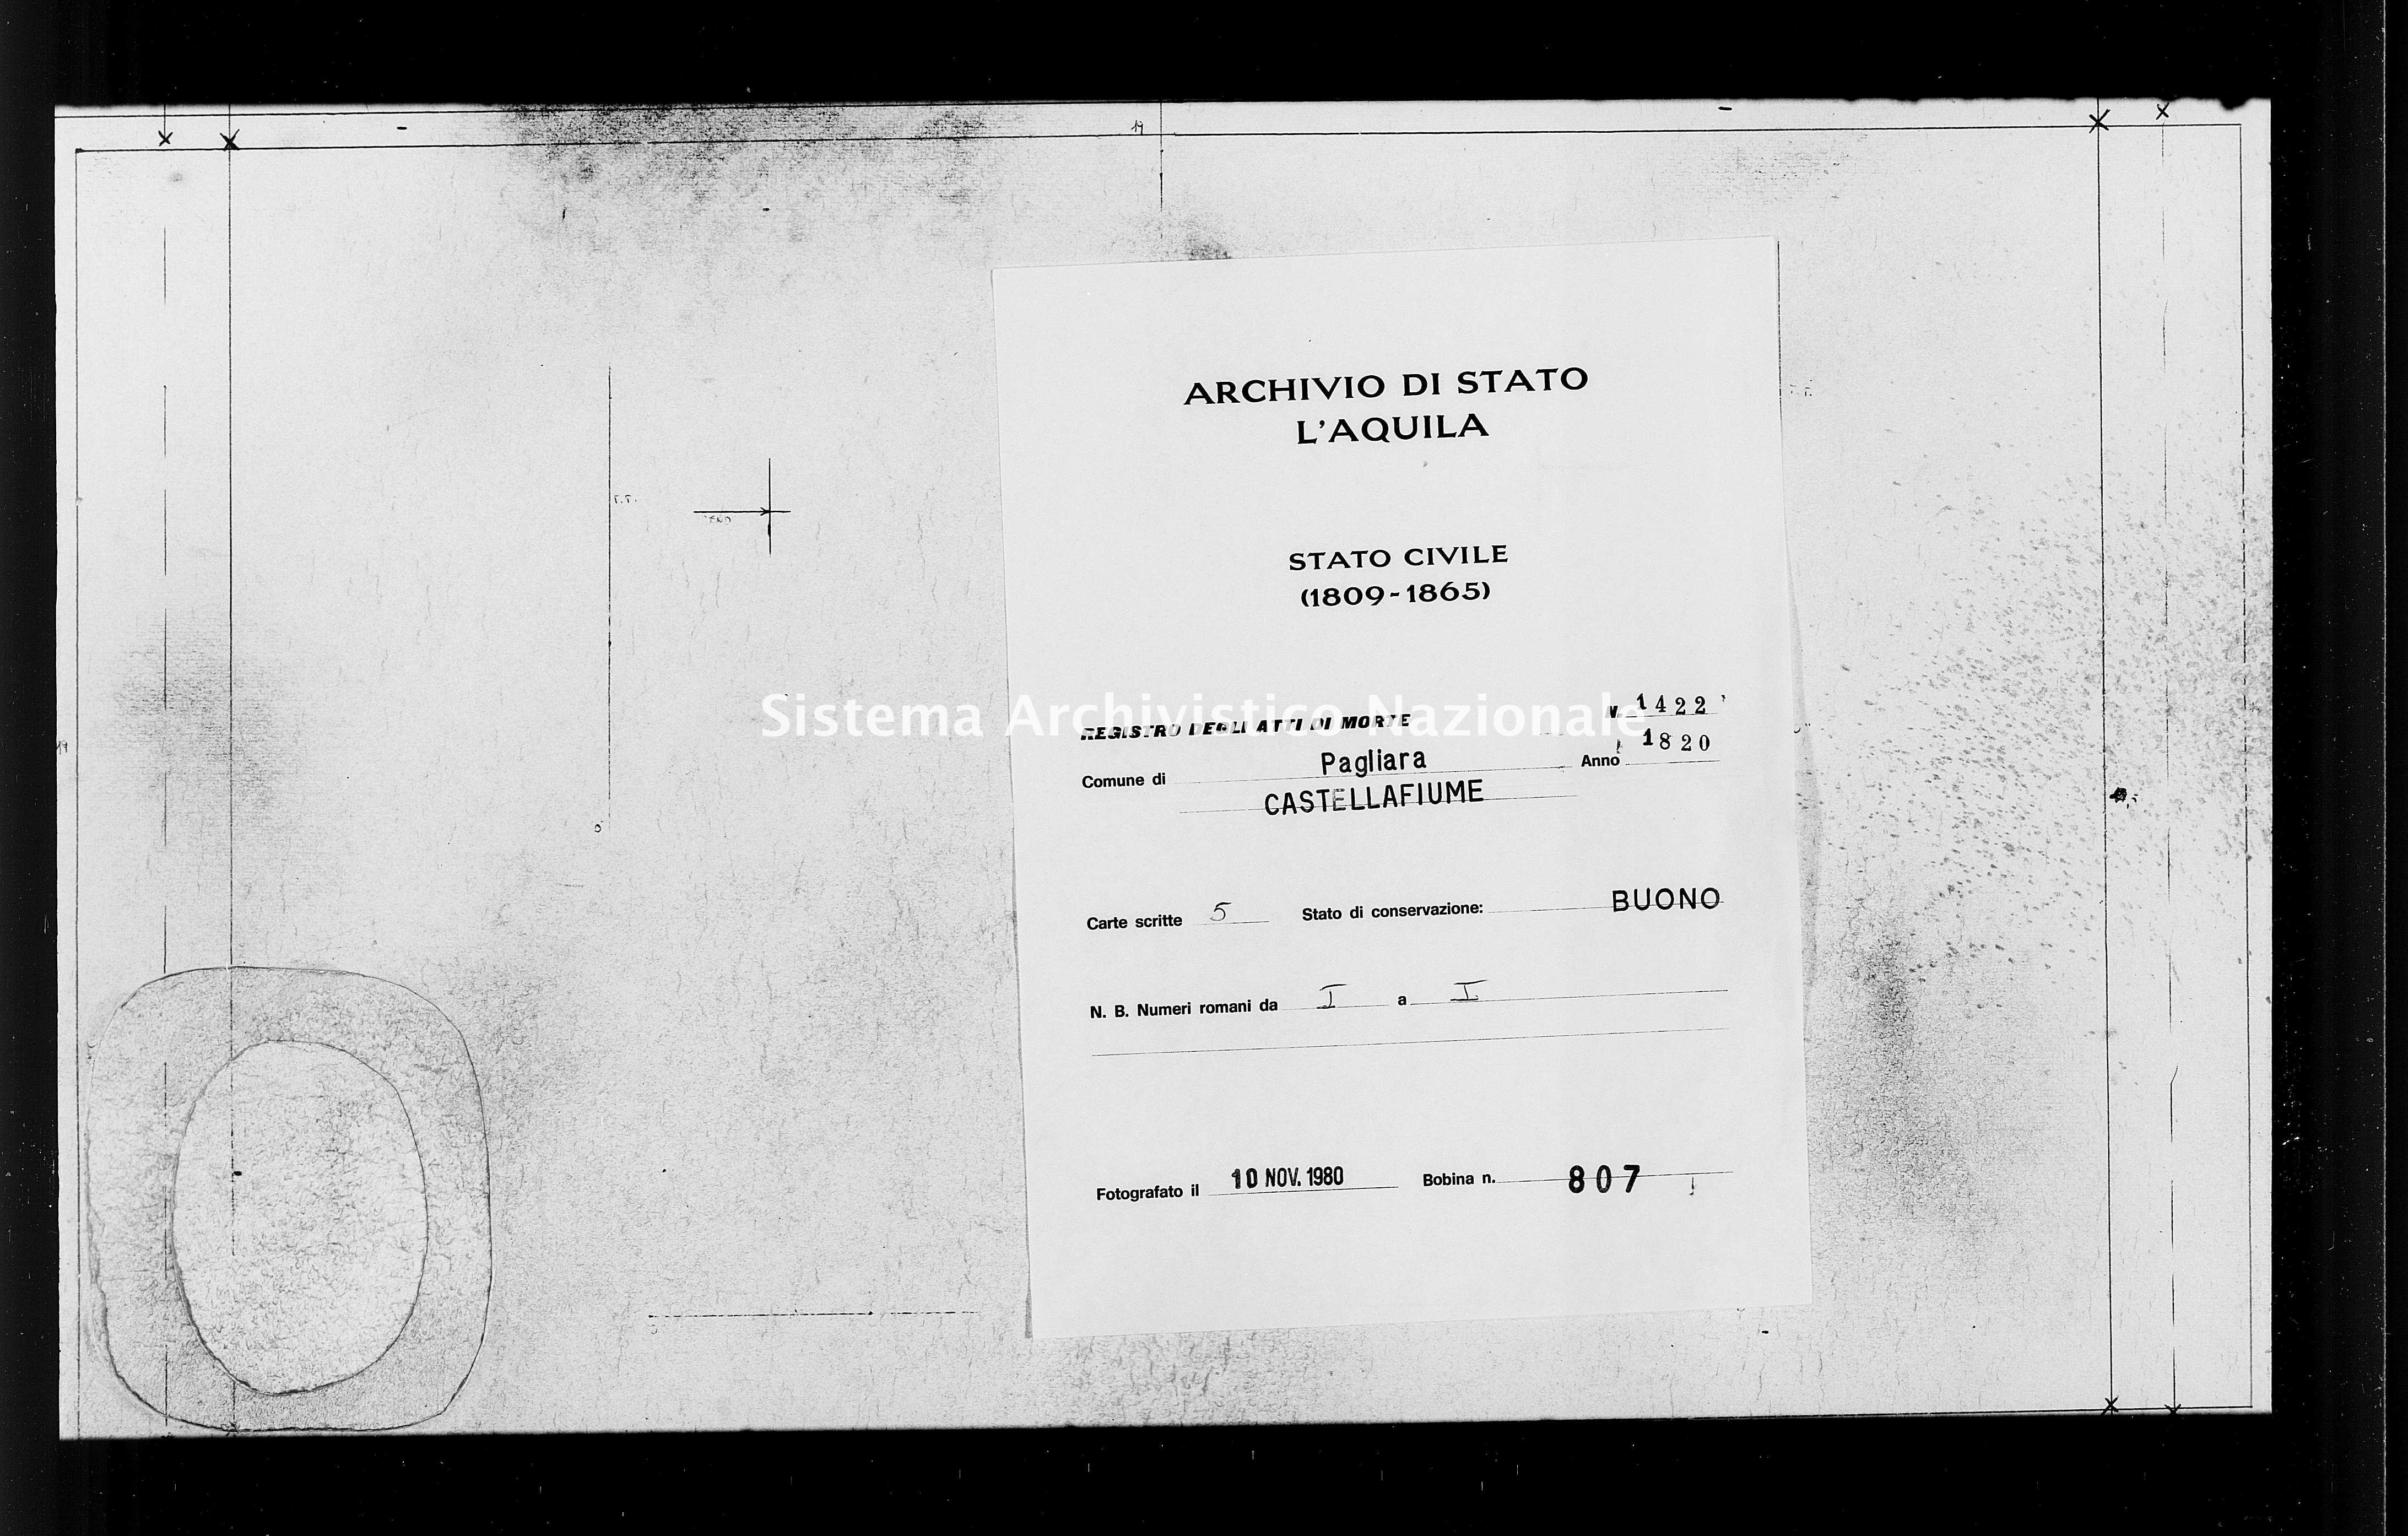 Archivio di stato di L'aquila - Stato civile della restaurazione - Pagliara - Morti - 1820 - 1422 -